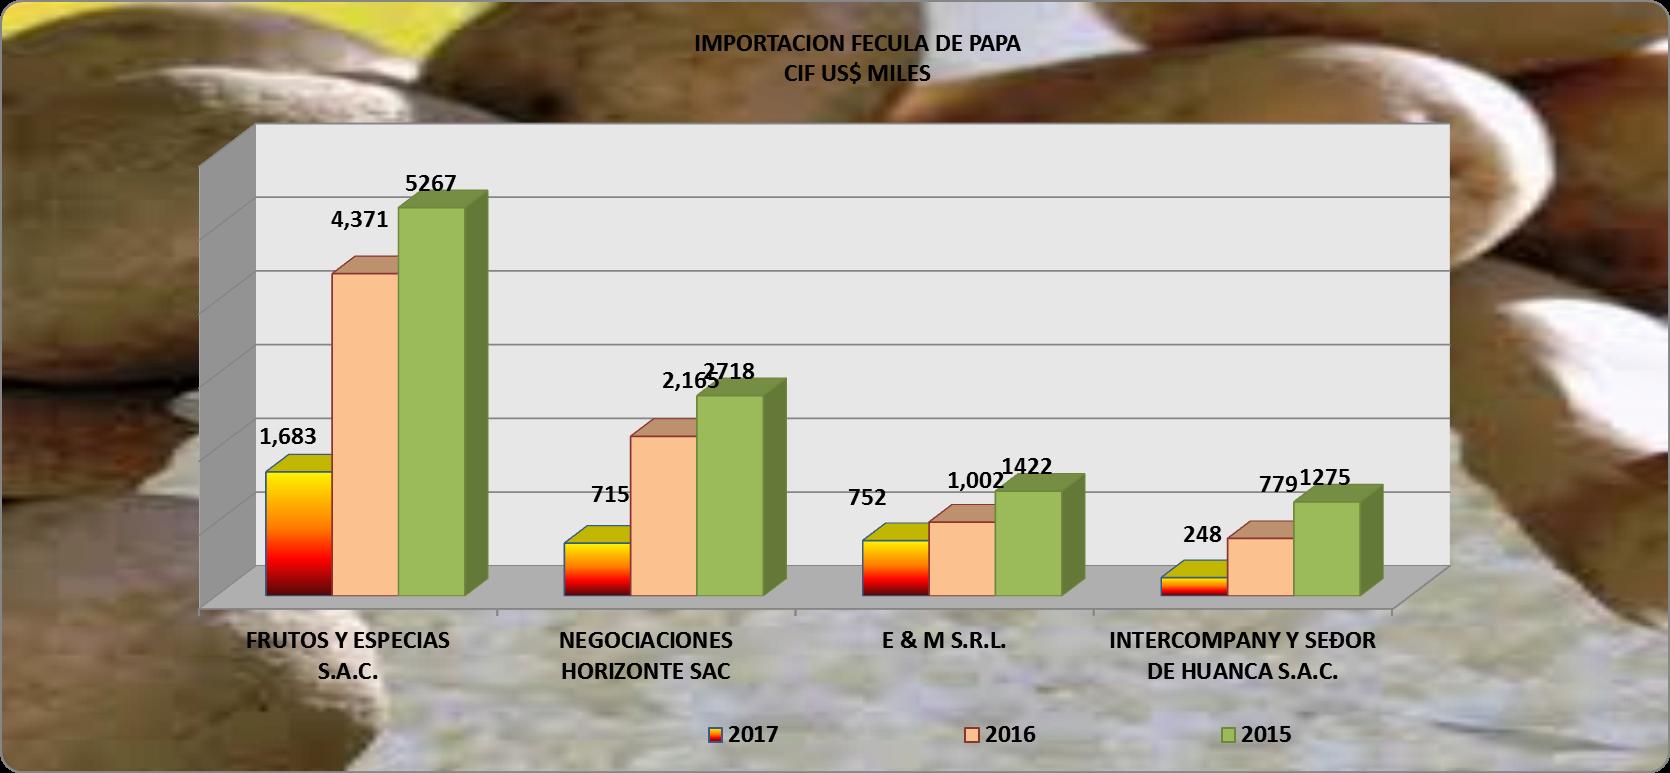 Papa Fécula Perú Importación 2017 Junio